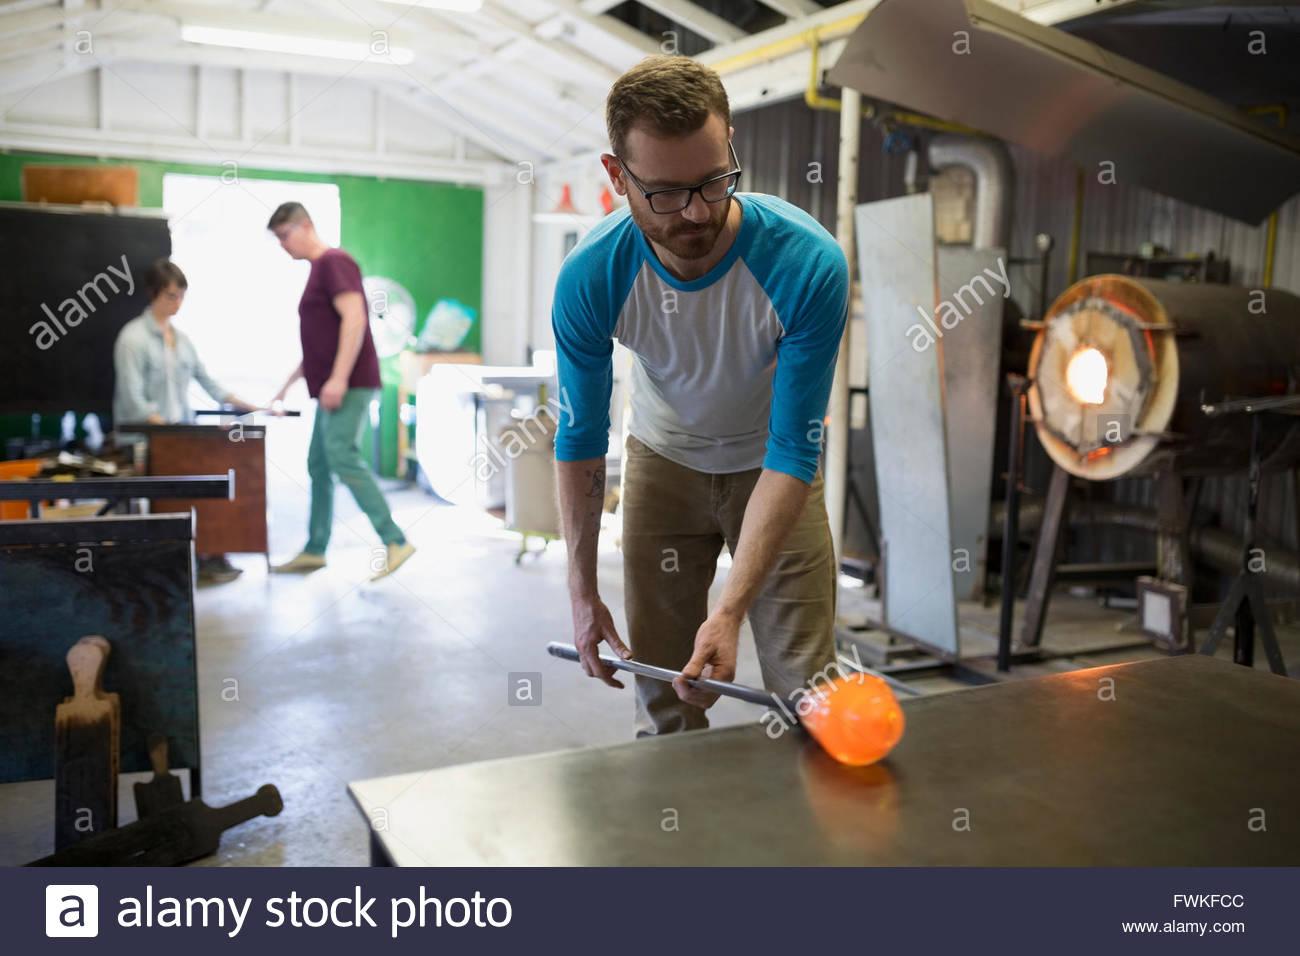 Matériel roulant souffleur de verre en fusion dans l'atelier Photo Stock